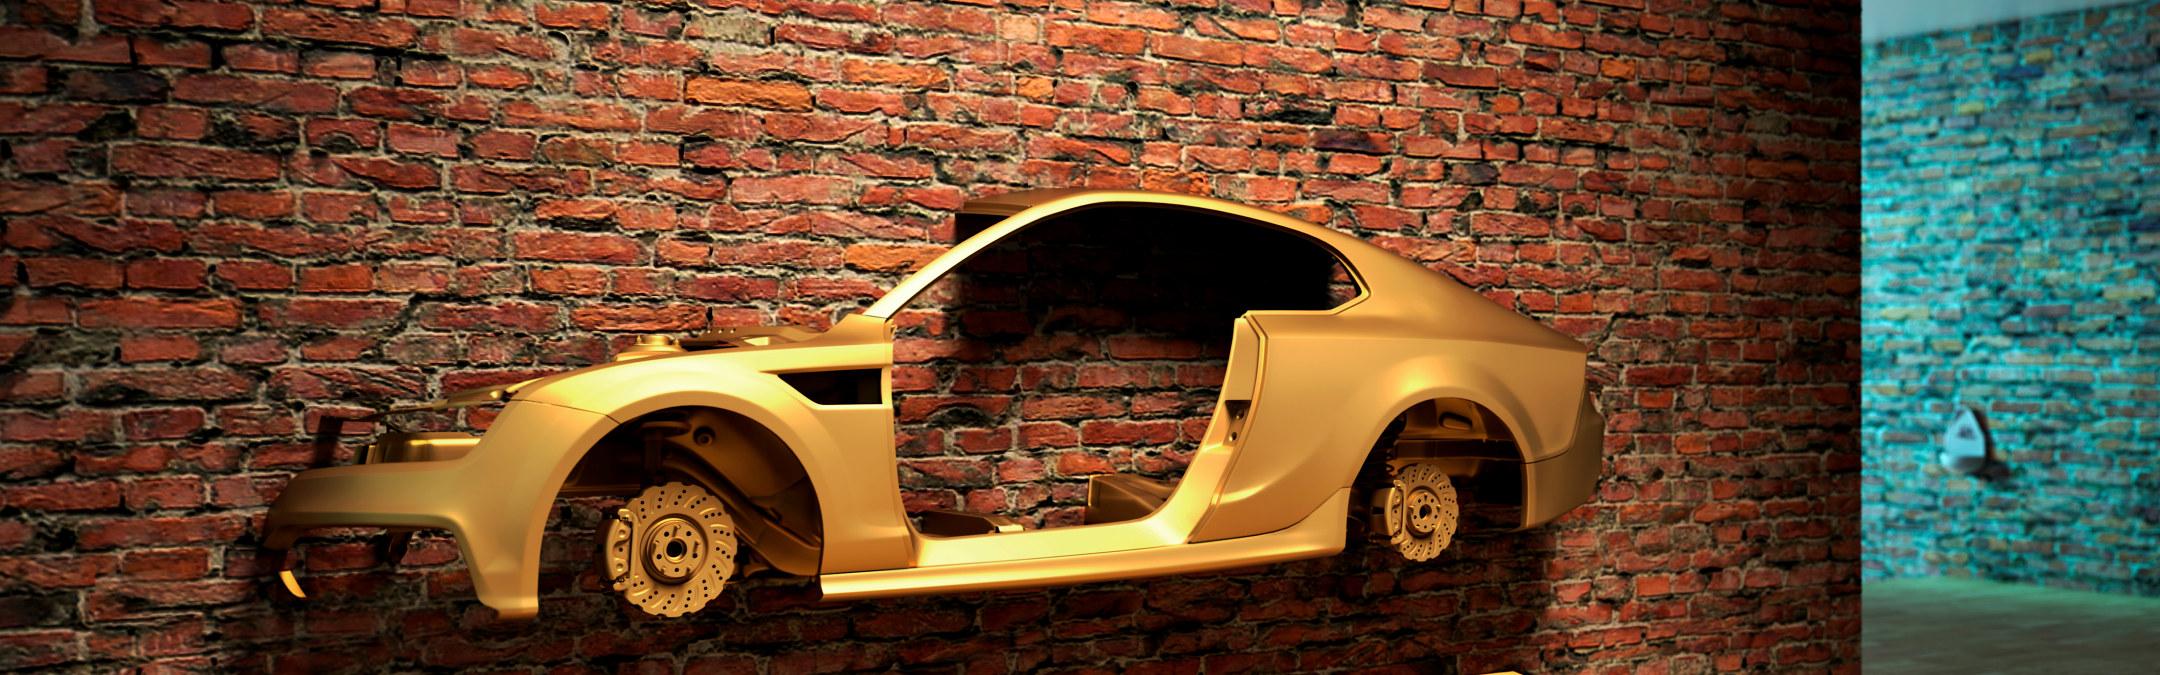 Bilde av gullfarget bilkarosseri på en vegg